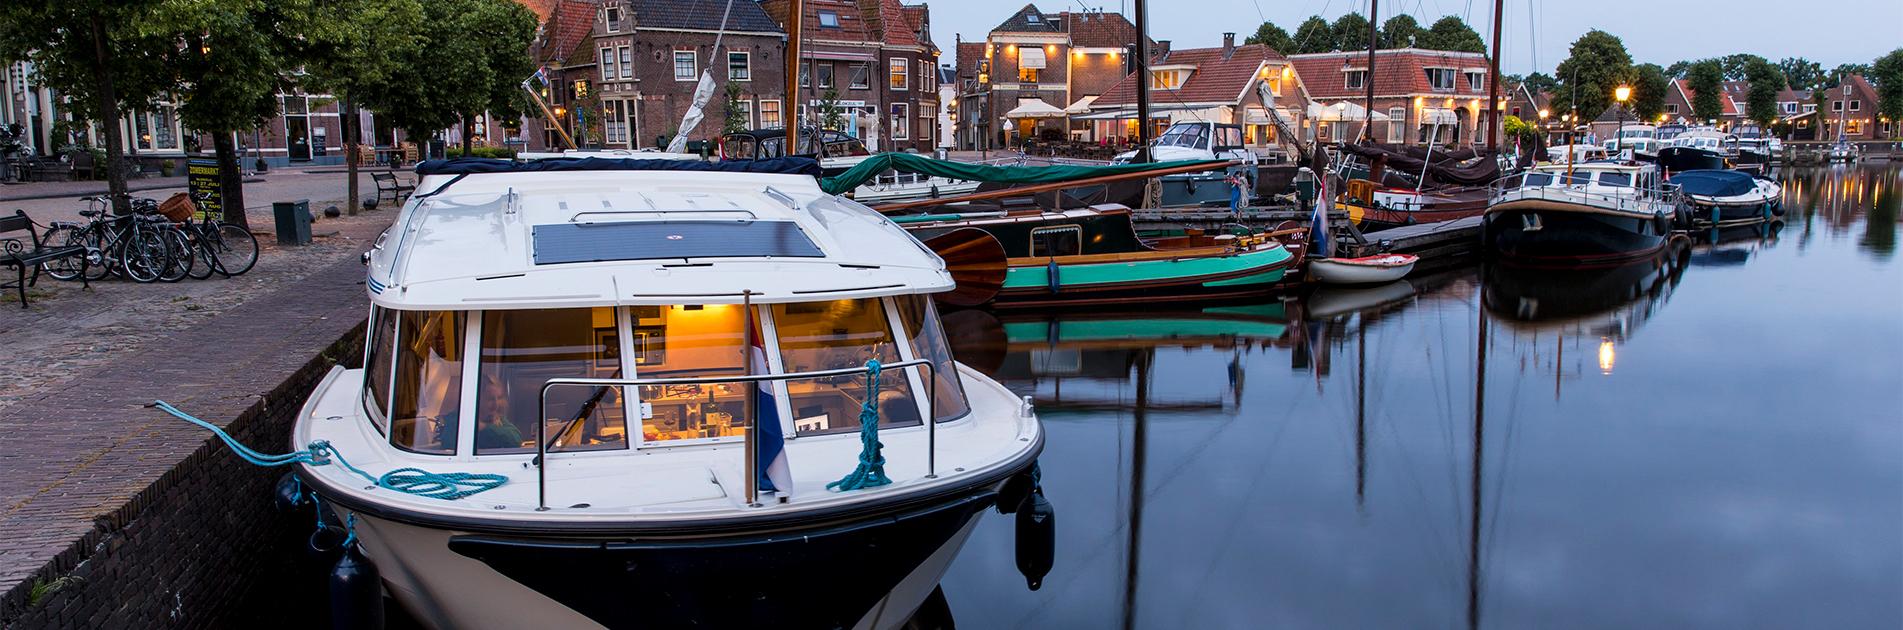 Flodbåd lagt til kaj i Friesland